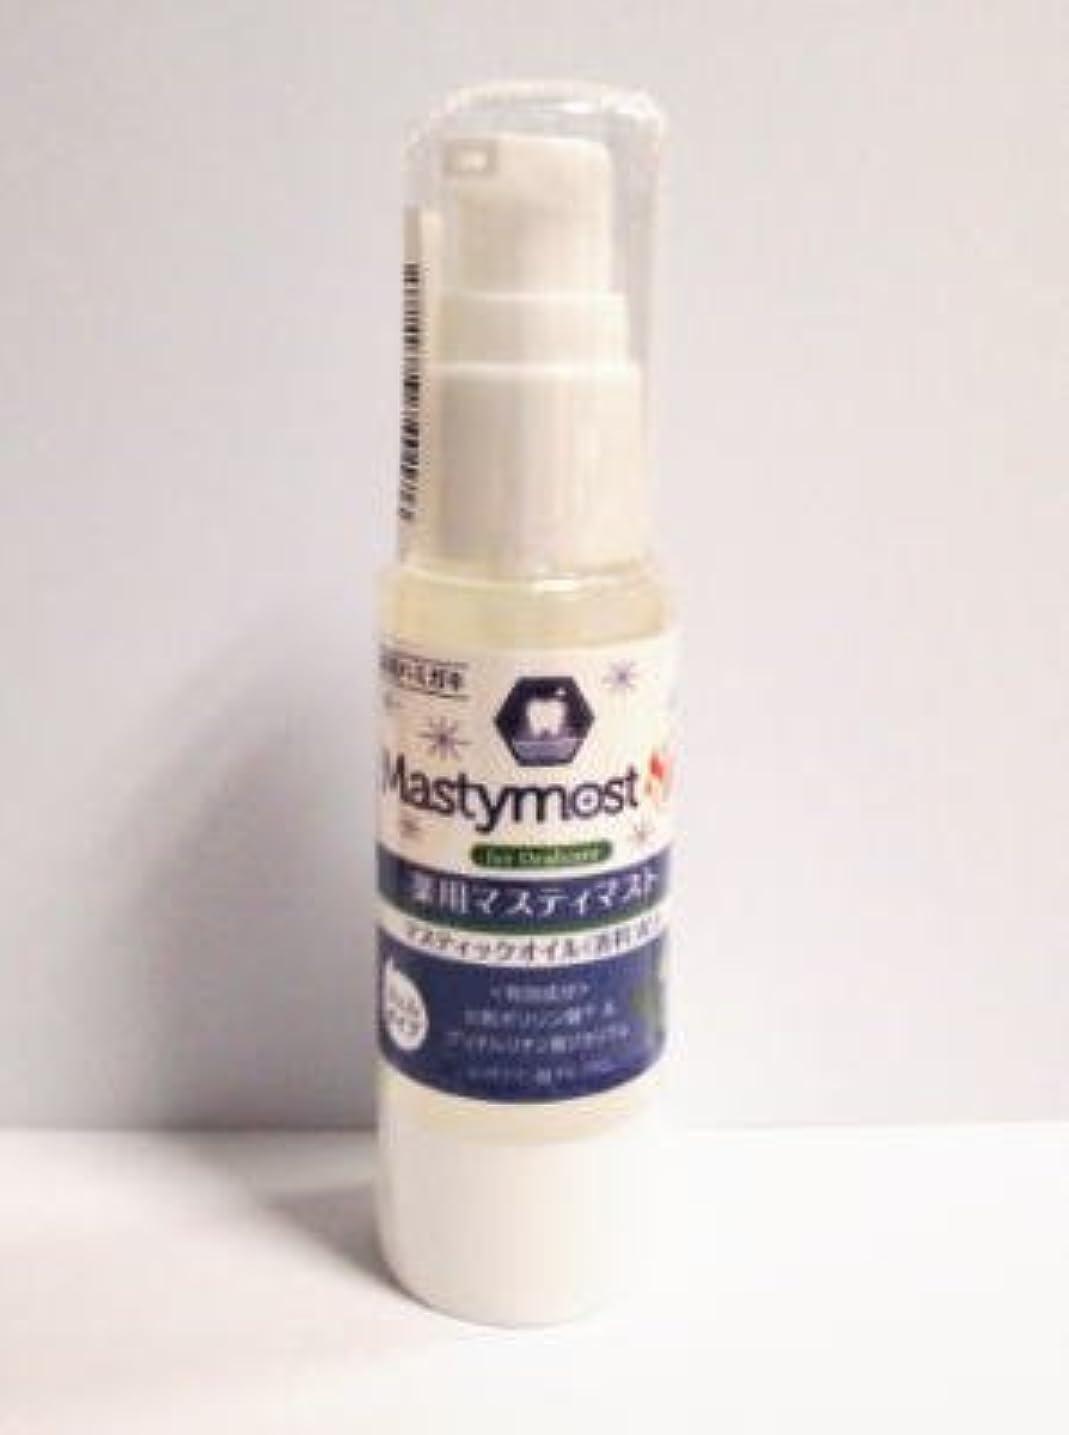 可能にする手当端薬用ハミガキ 薬用マスティマストSP ジェルタイプ 30g×2個セット